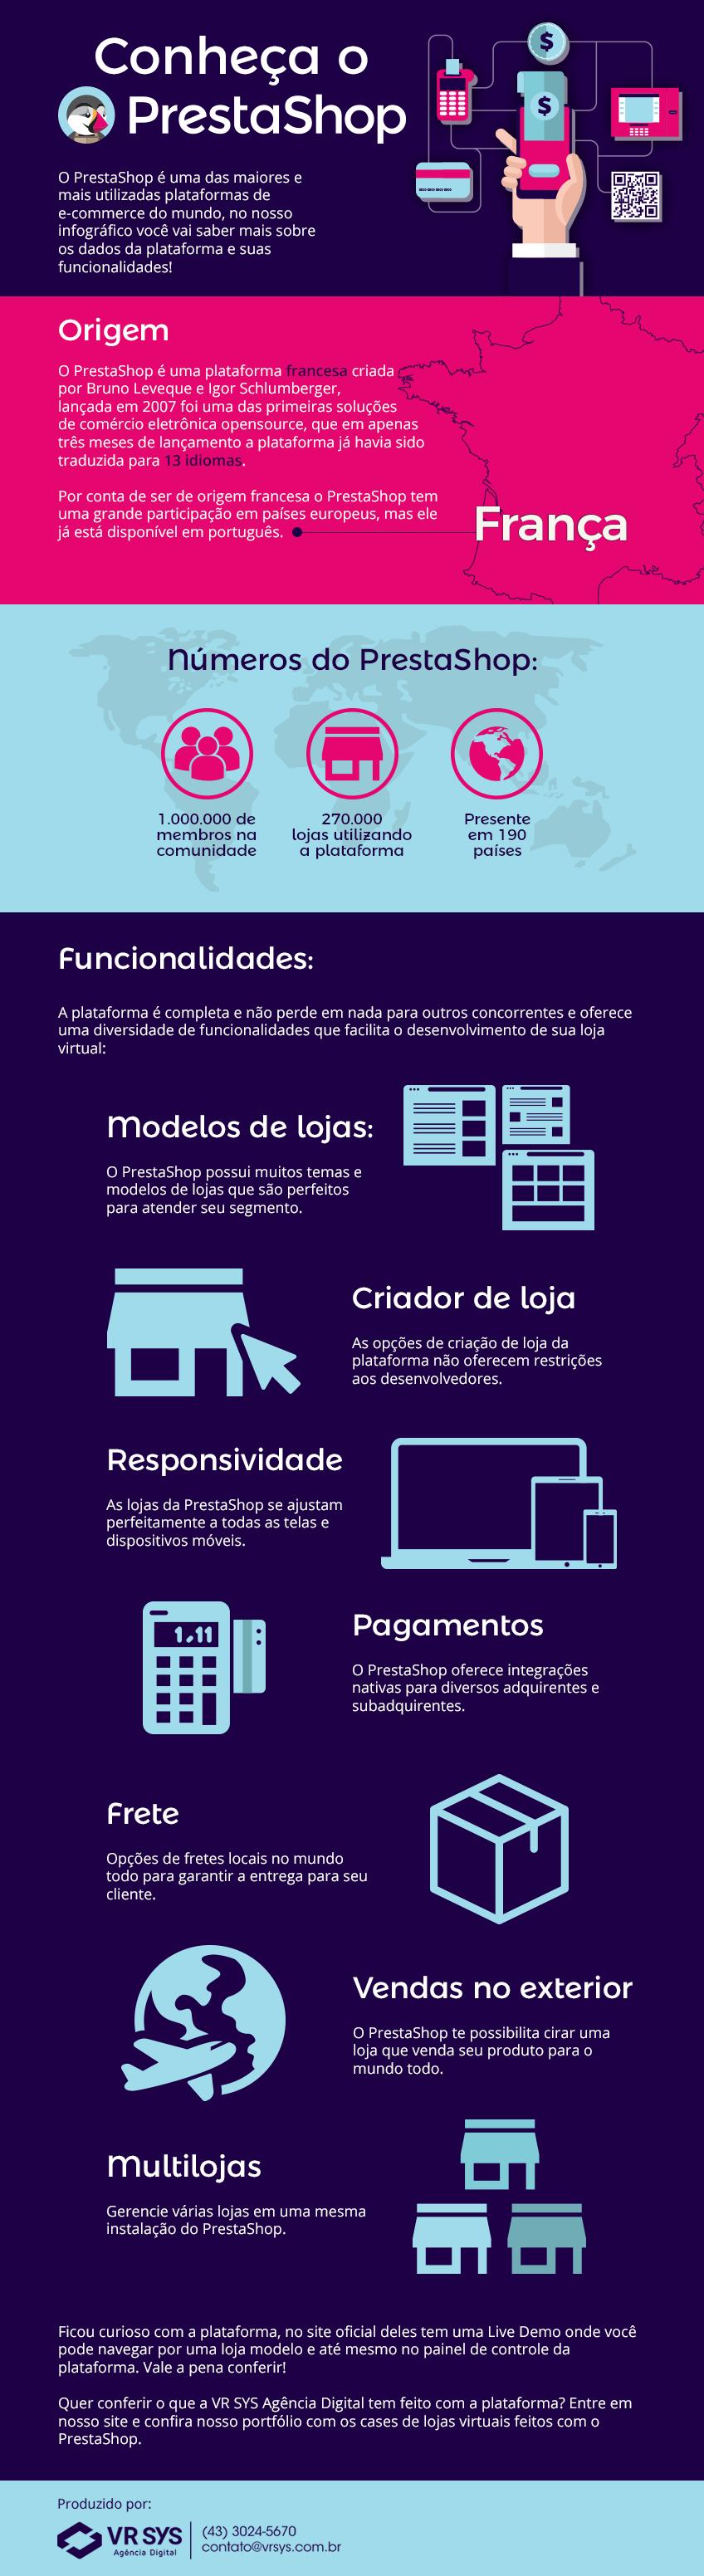 ae84b76257367c Conheça o PrestaShop, sua próxima plataforma de e-commerce! - VR SYS ...